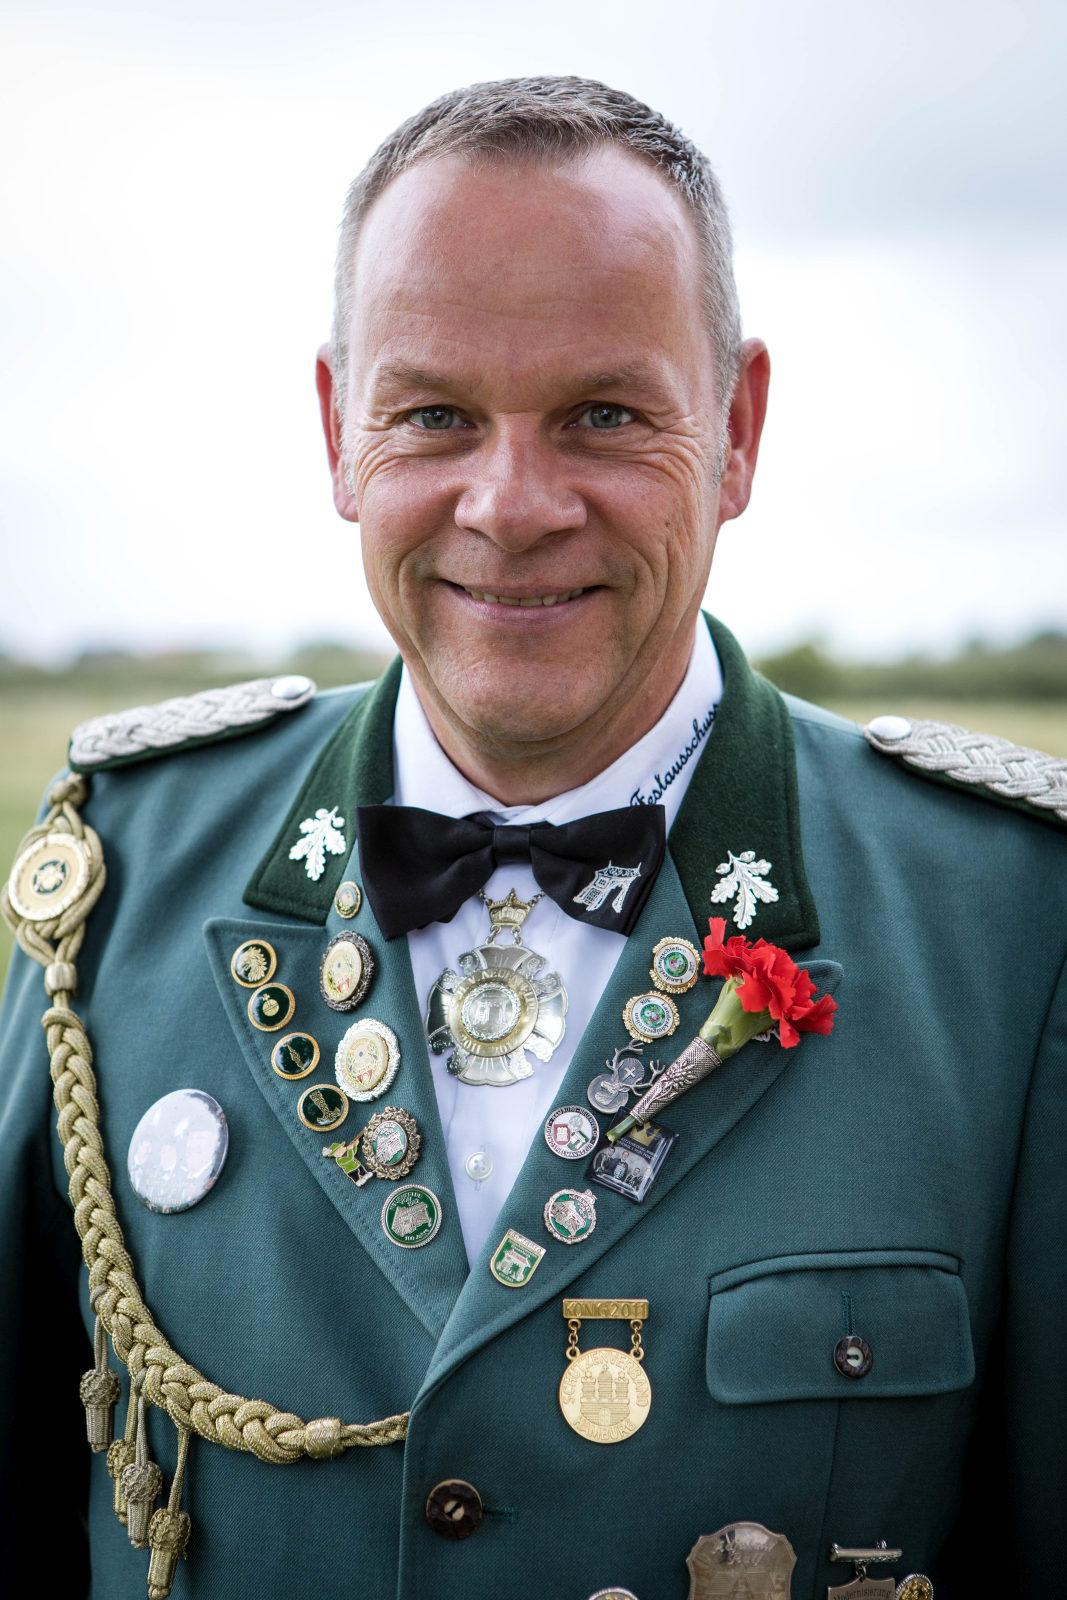 Ralf von Eitzen